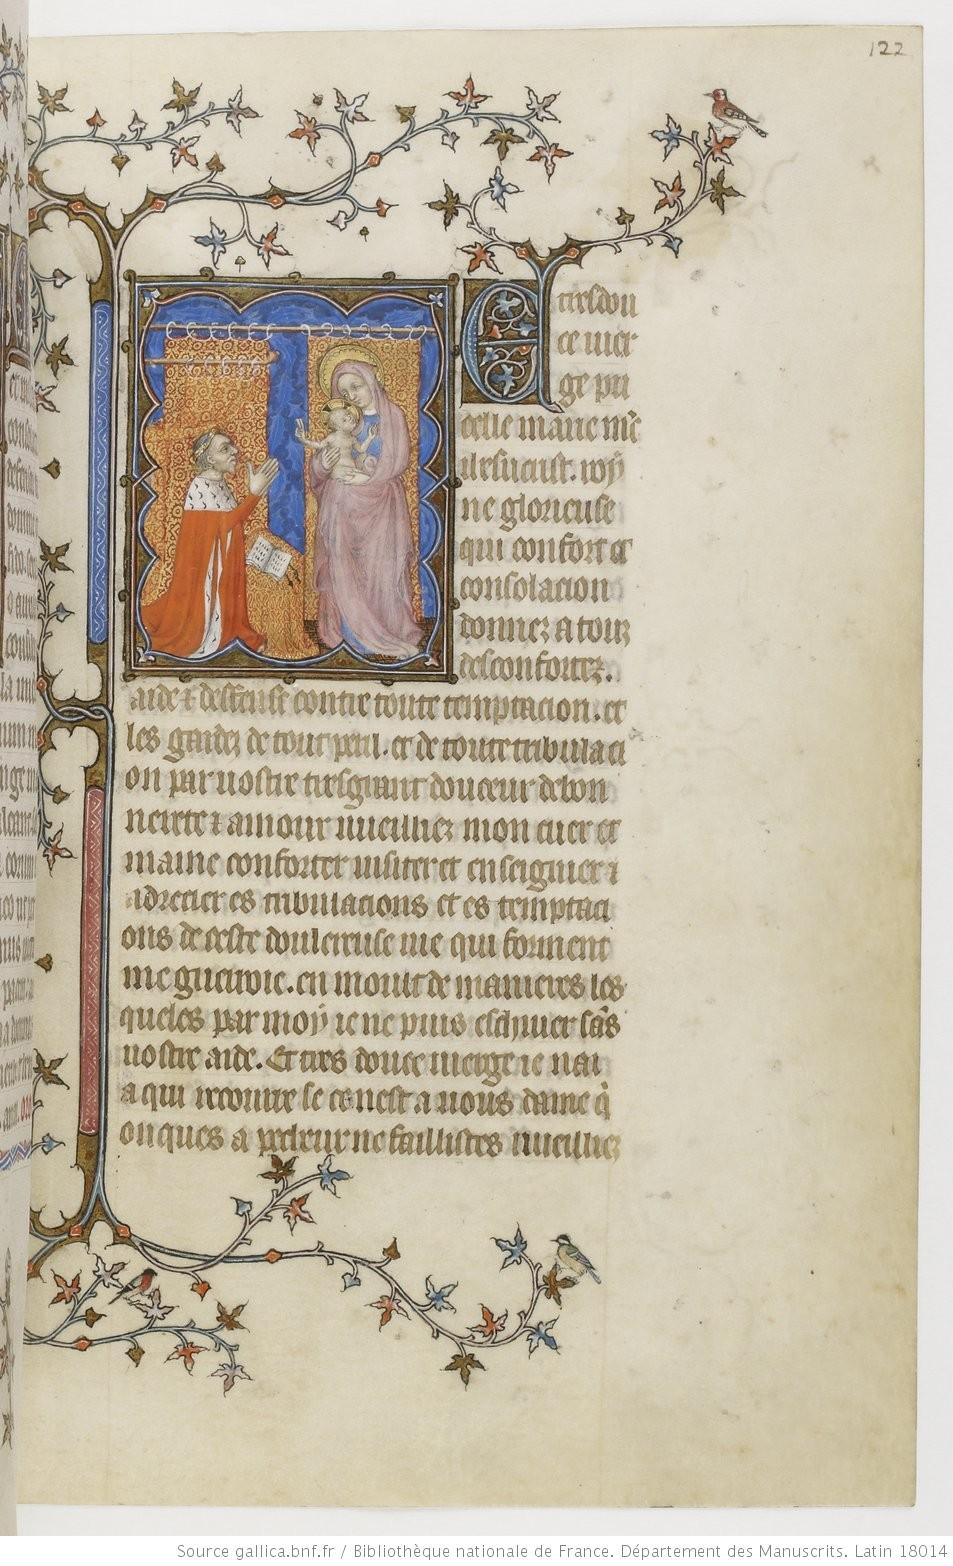 1385-90 Jean de Berry devant la Vierge à l'Enfant Petites heures de Jean de Berry, Gallica MS 18014 fol 122r